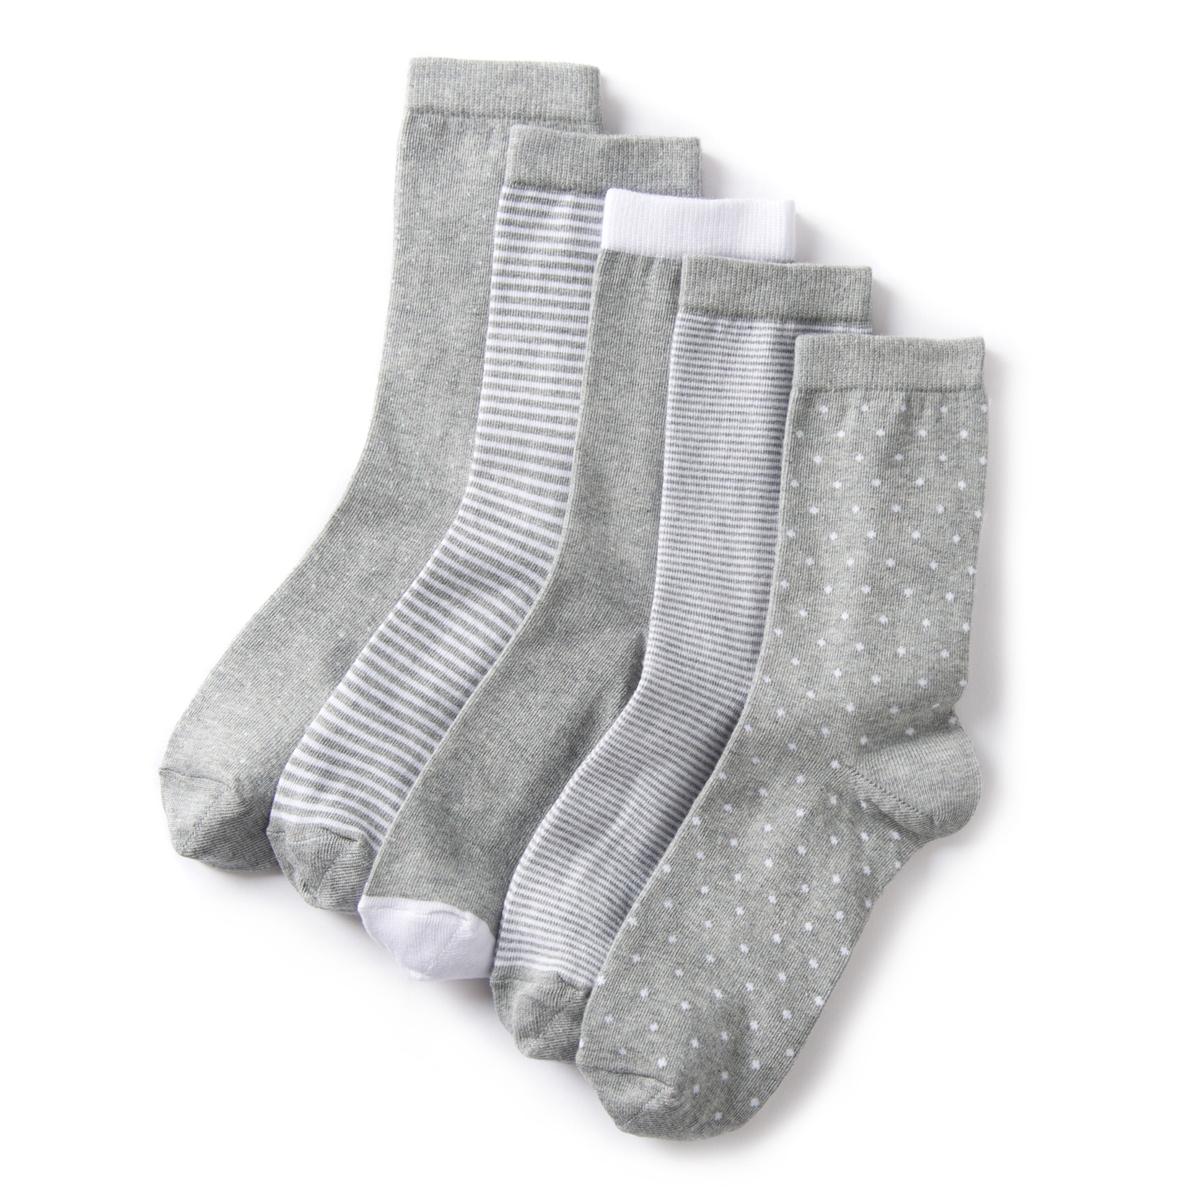 Комплект из 5 коротких оригинальных носков комплект из 2 пар коротких спортивных носков